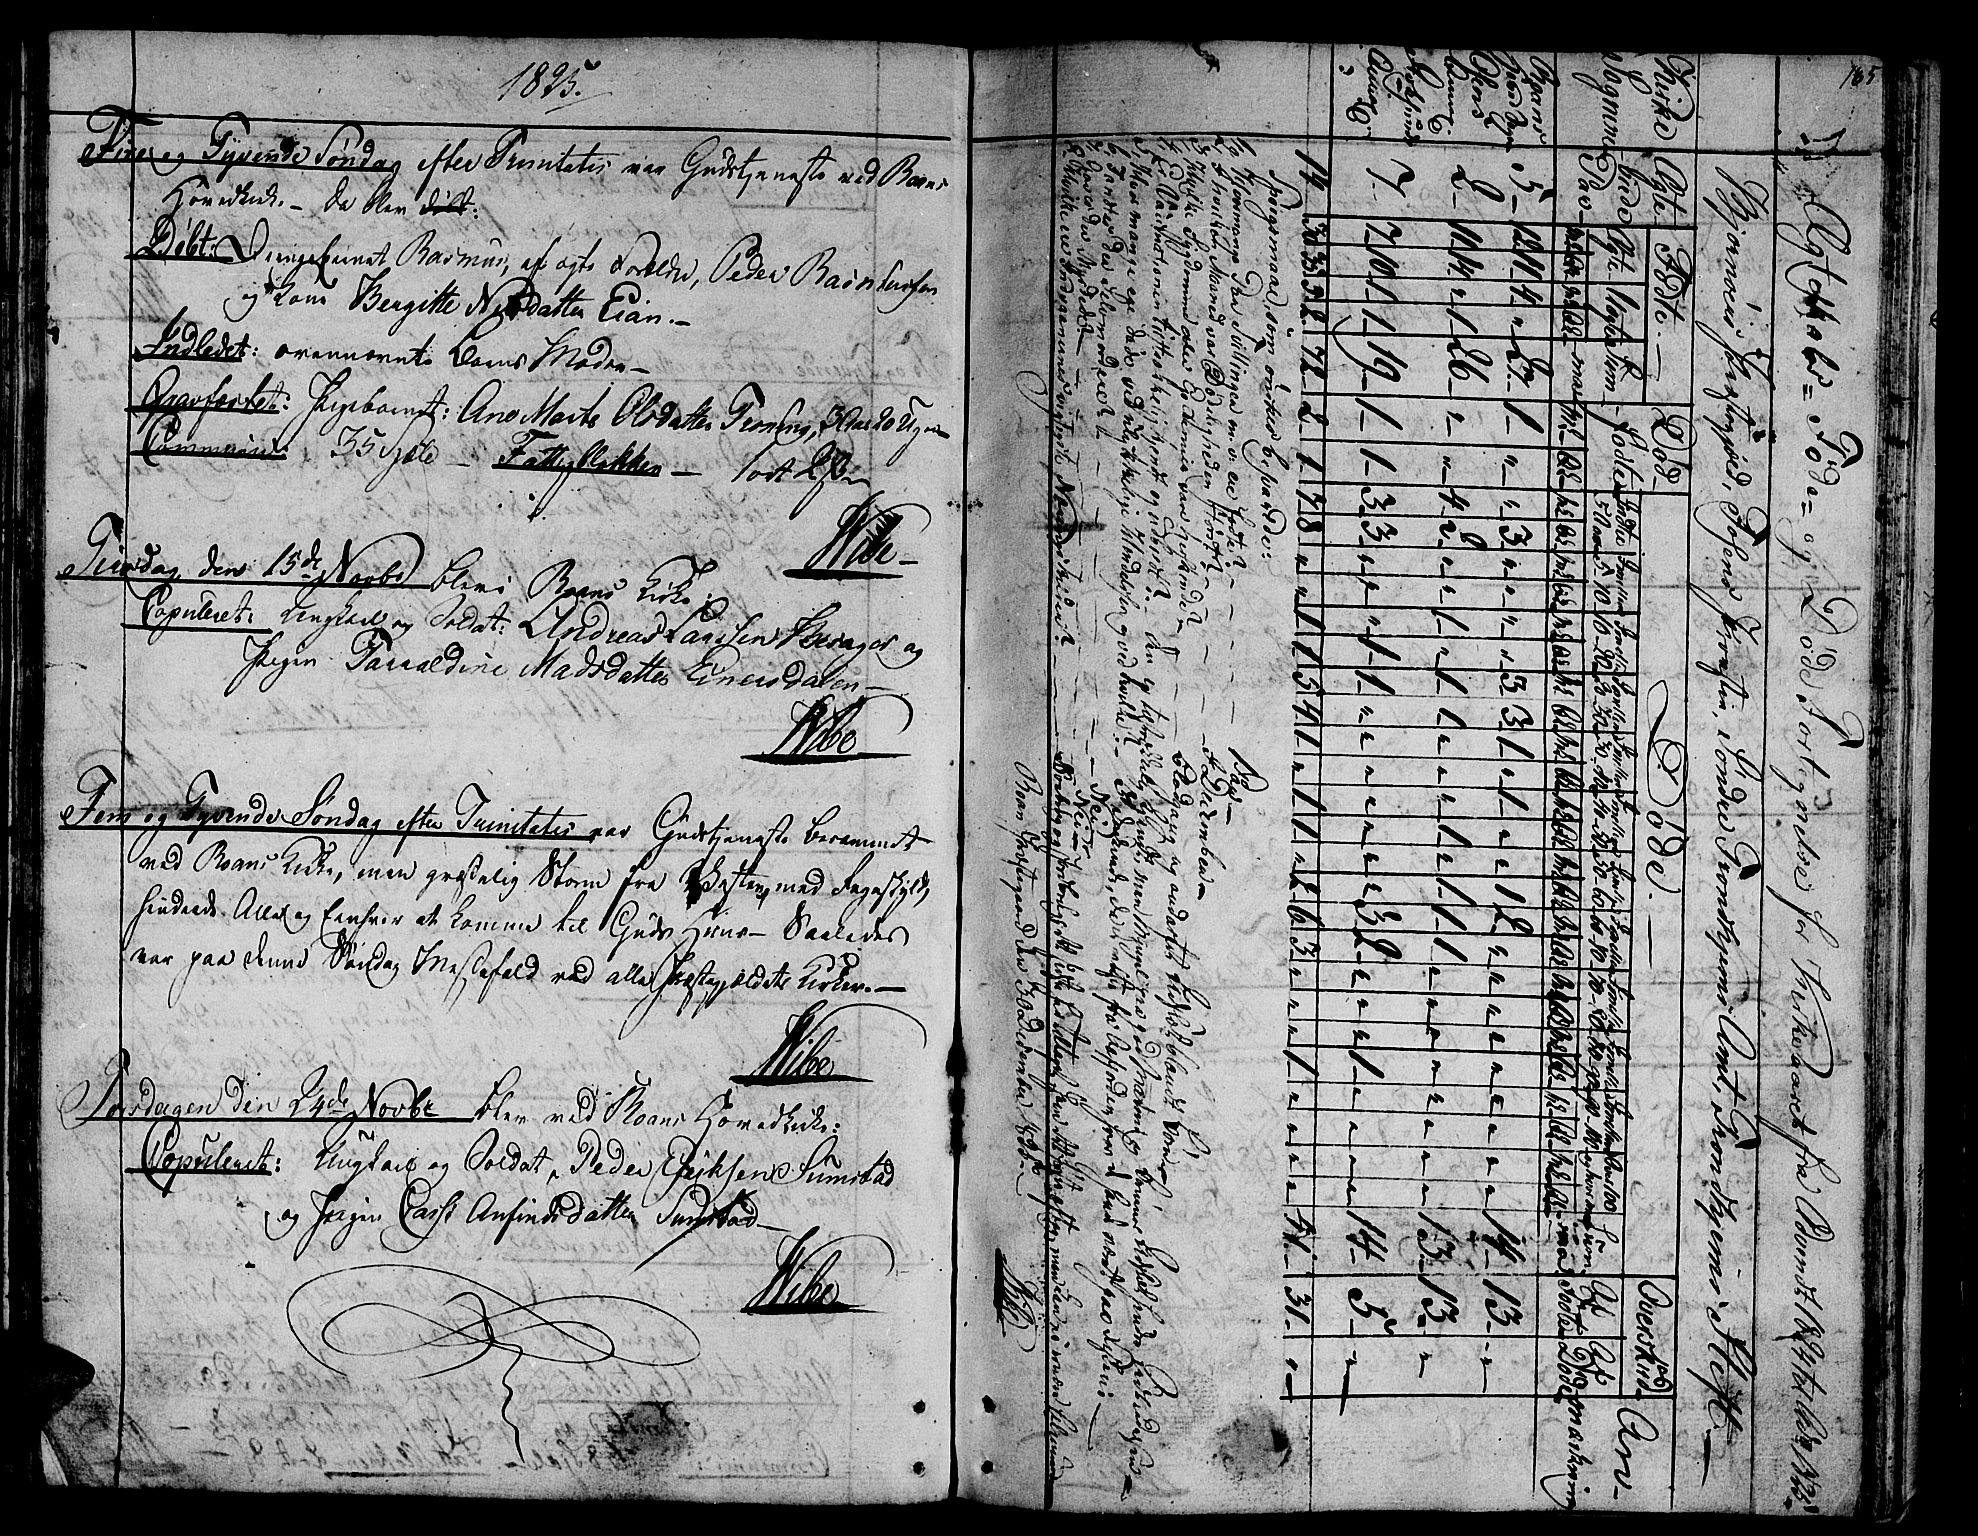 SAT, Ministerialprotokoller, klokkerbøker og fødselsregistre - Sør-Trøndelag, 657/L0701: Ministerialbok nr. 657A02, 1802-1831, s. 185